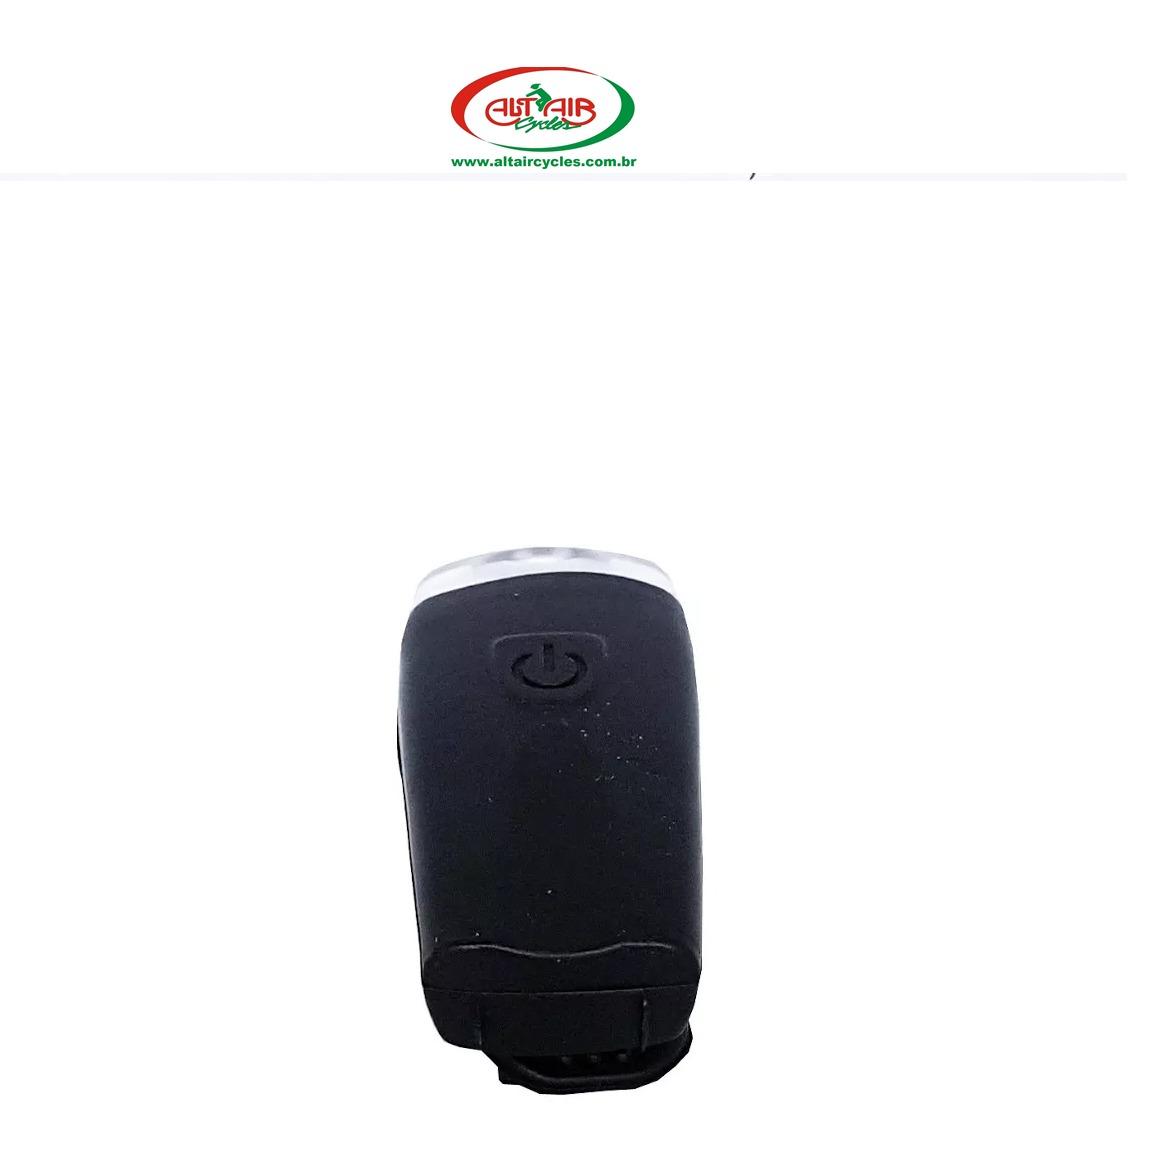 FAROL ABSOLUTE USB RECARREGÁVEL JY 378FU